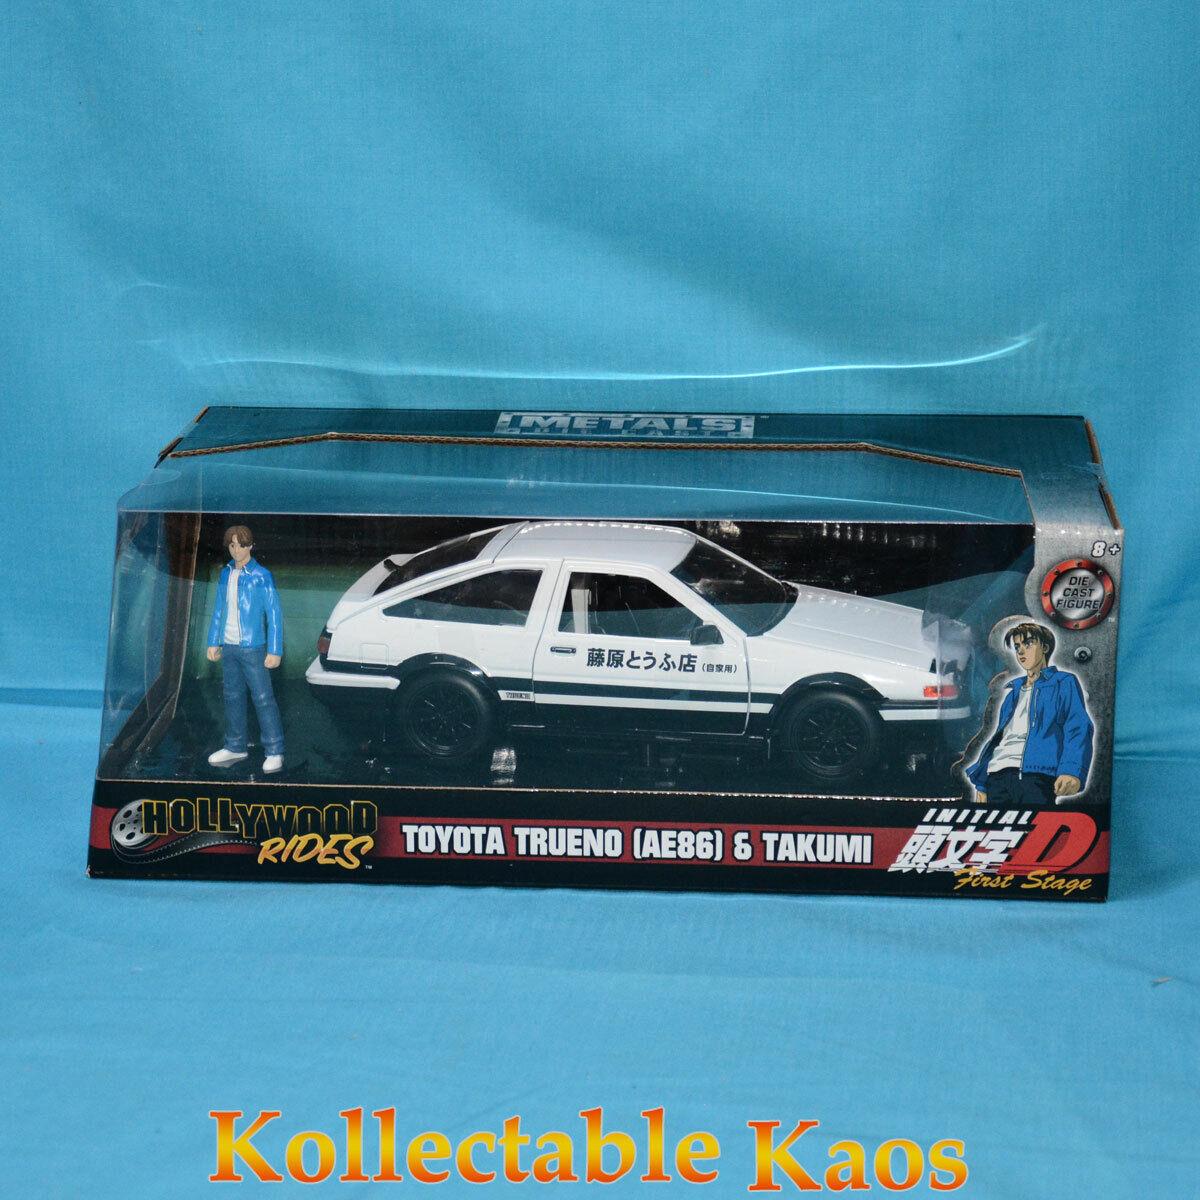 1 24 Jada - Initial D Toyota Treuno AE86 with Takumi Figure